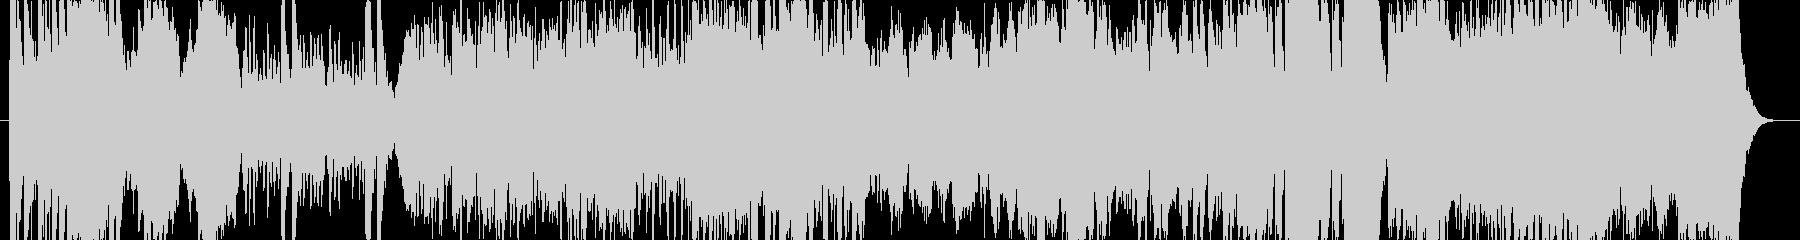 オーケストラ調の戦闘曲の未再生の波形